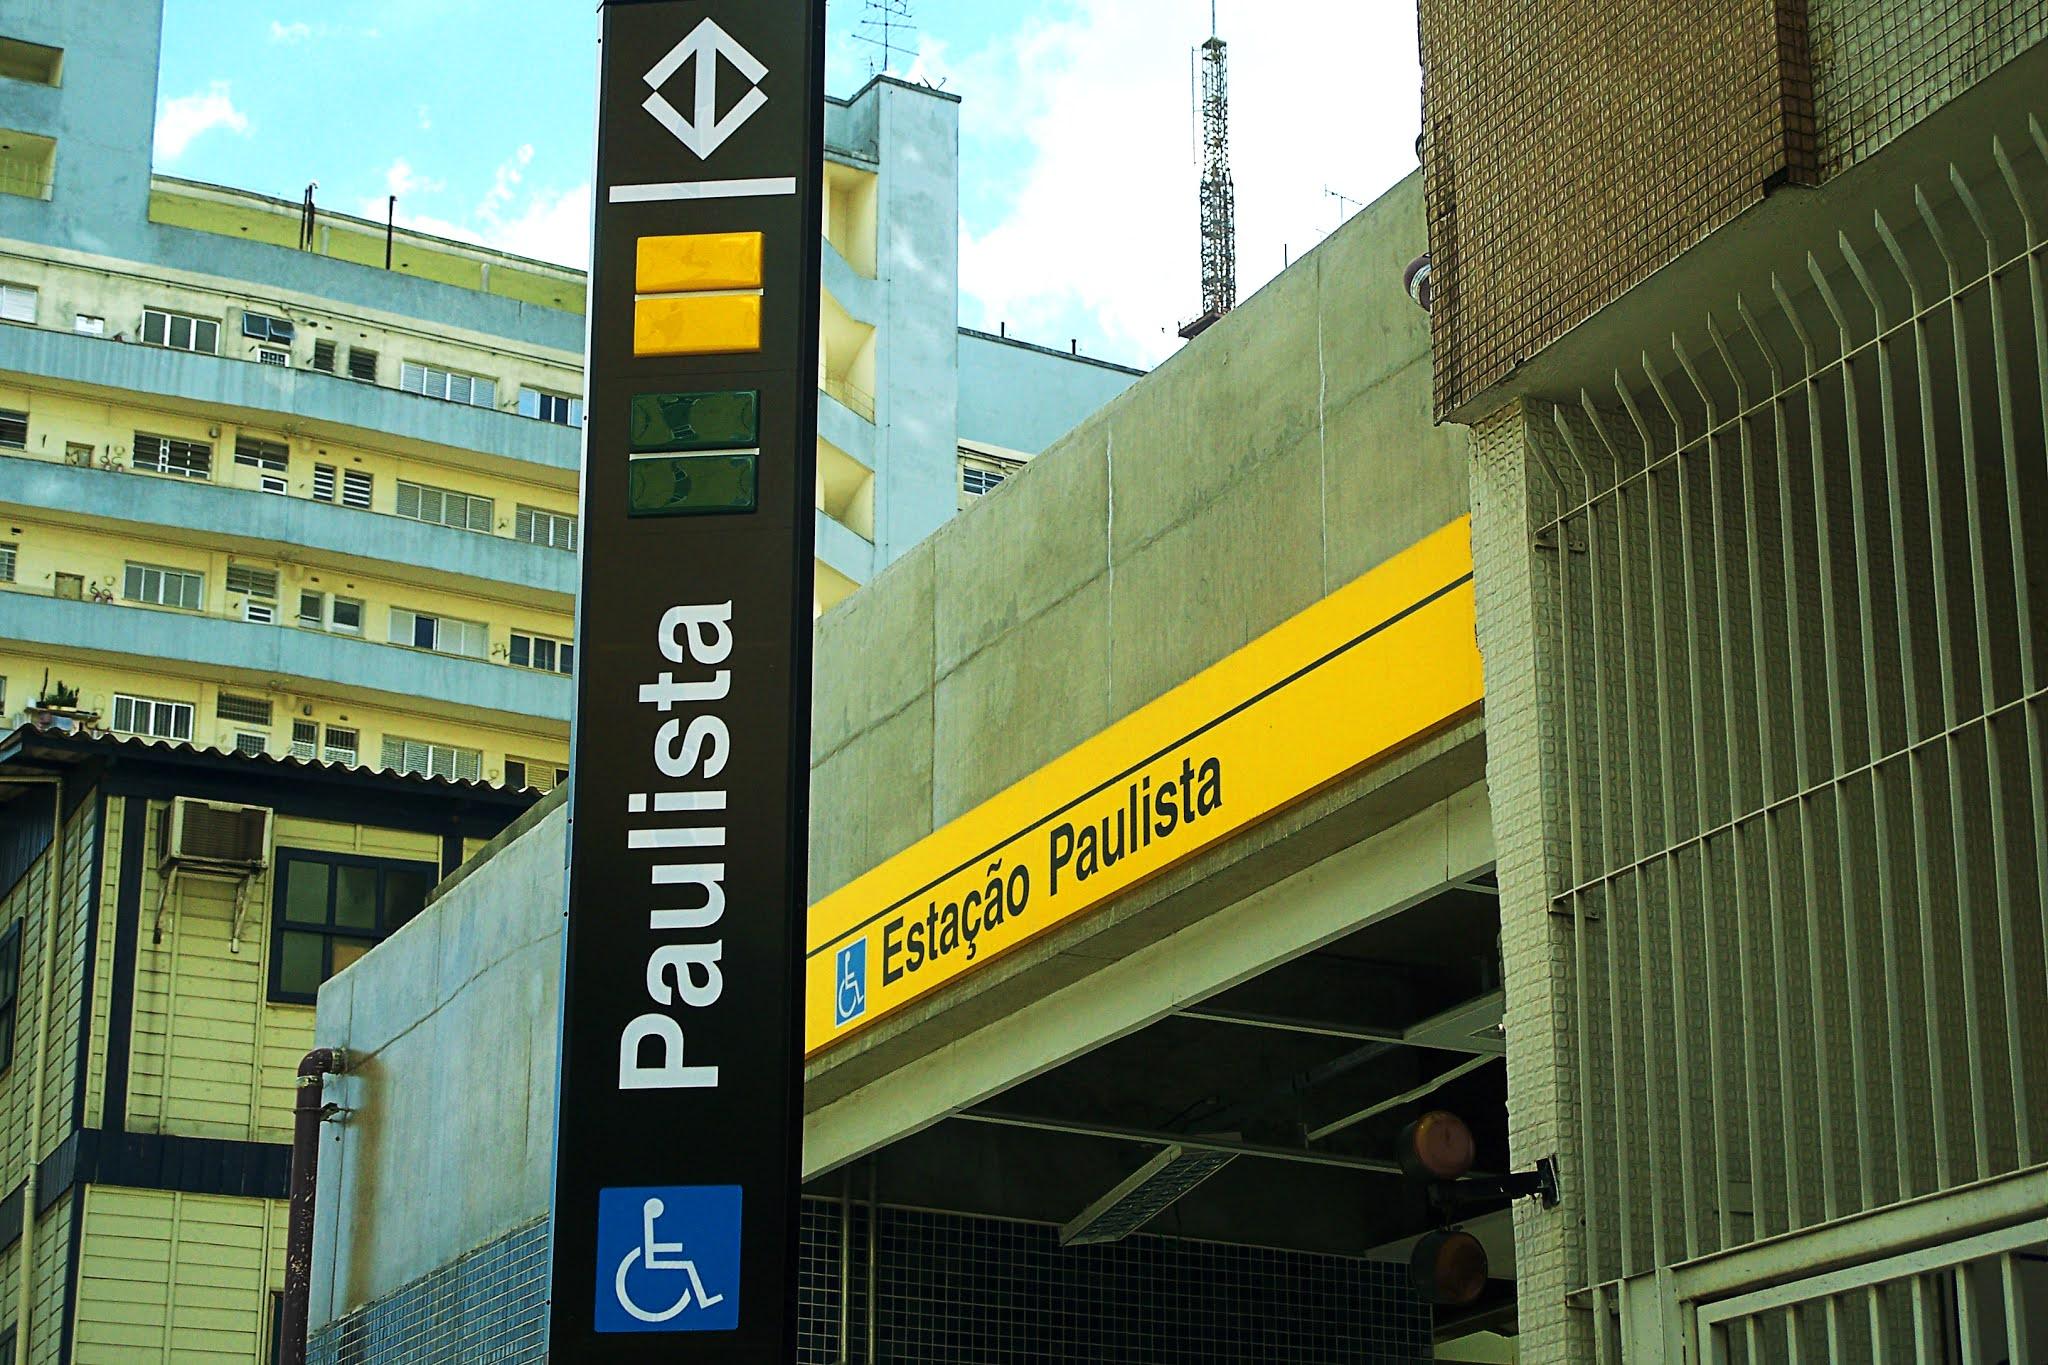 Expo Pelo Brasil parte rumo à próxima parada, Estação Paulista.